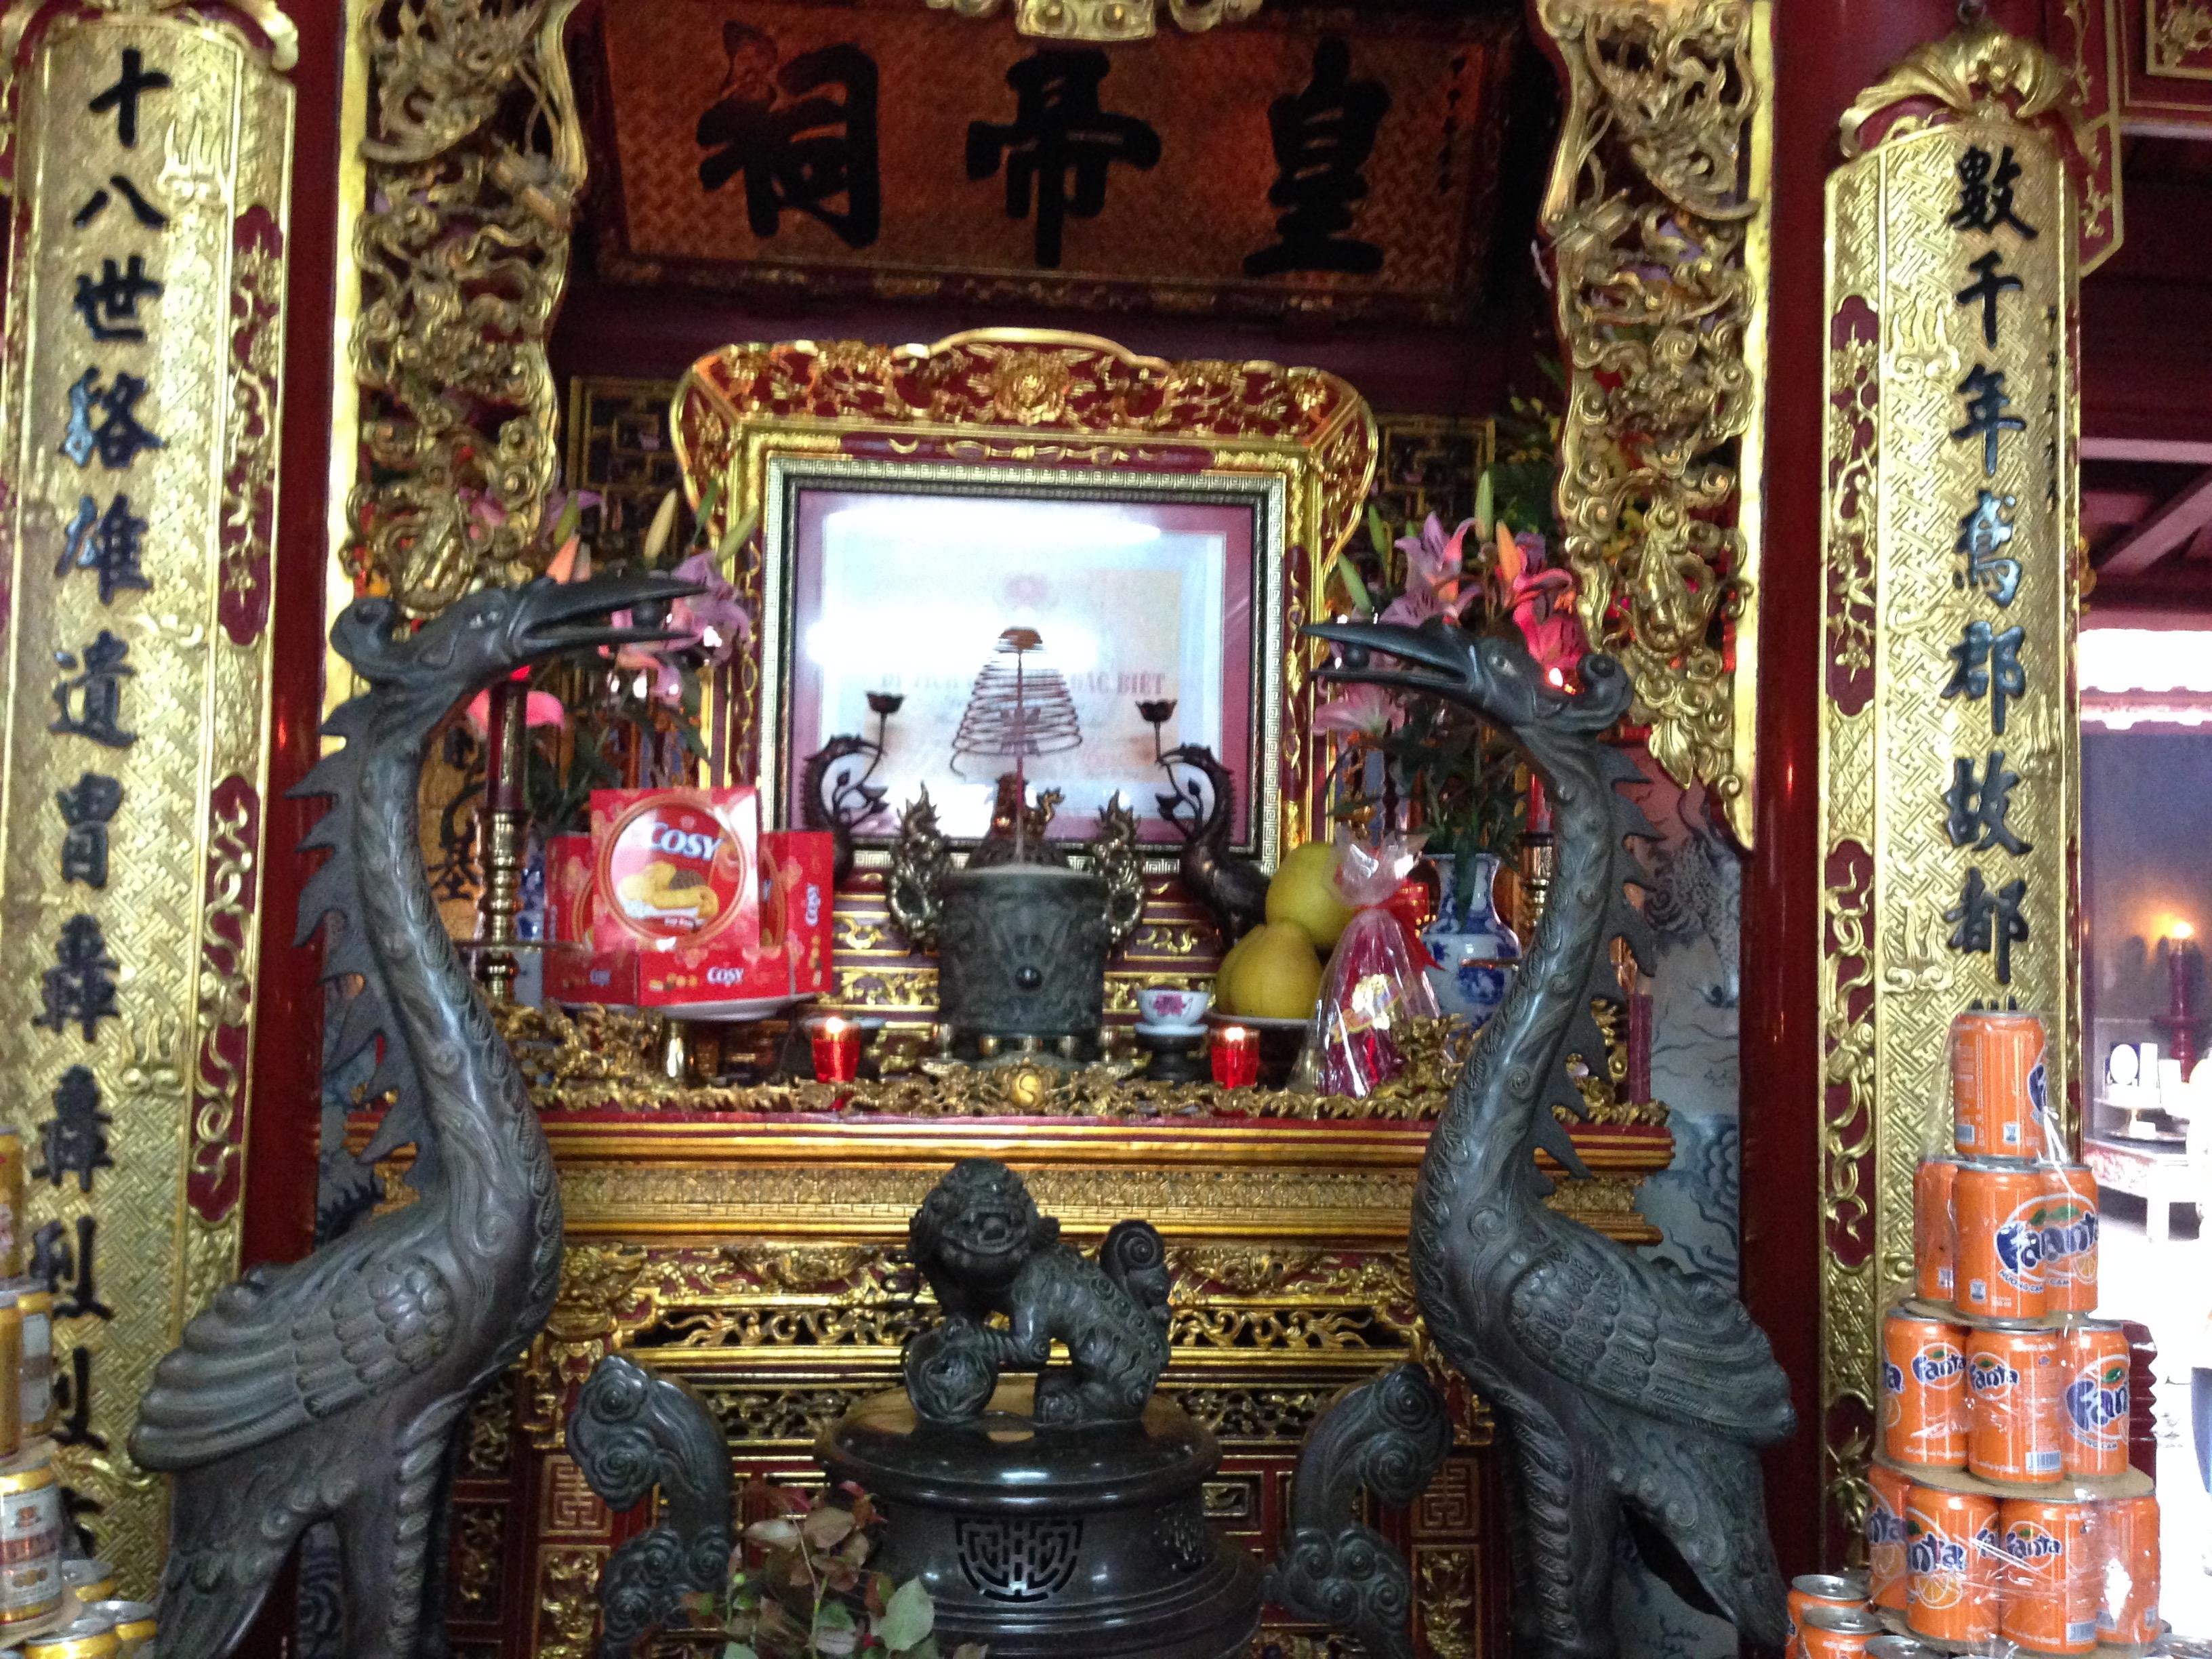 Du Xuân Hữu nghị 2016 (thăm đền thờ Hai Bà Trưng, đồng hoa tại Mê Linh Hà Nội) ngày 13/3/2016.